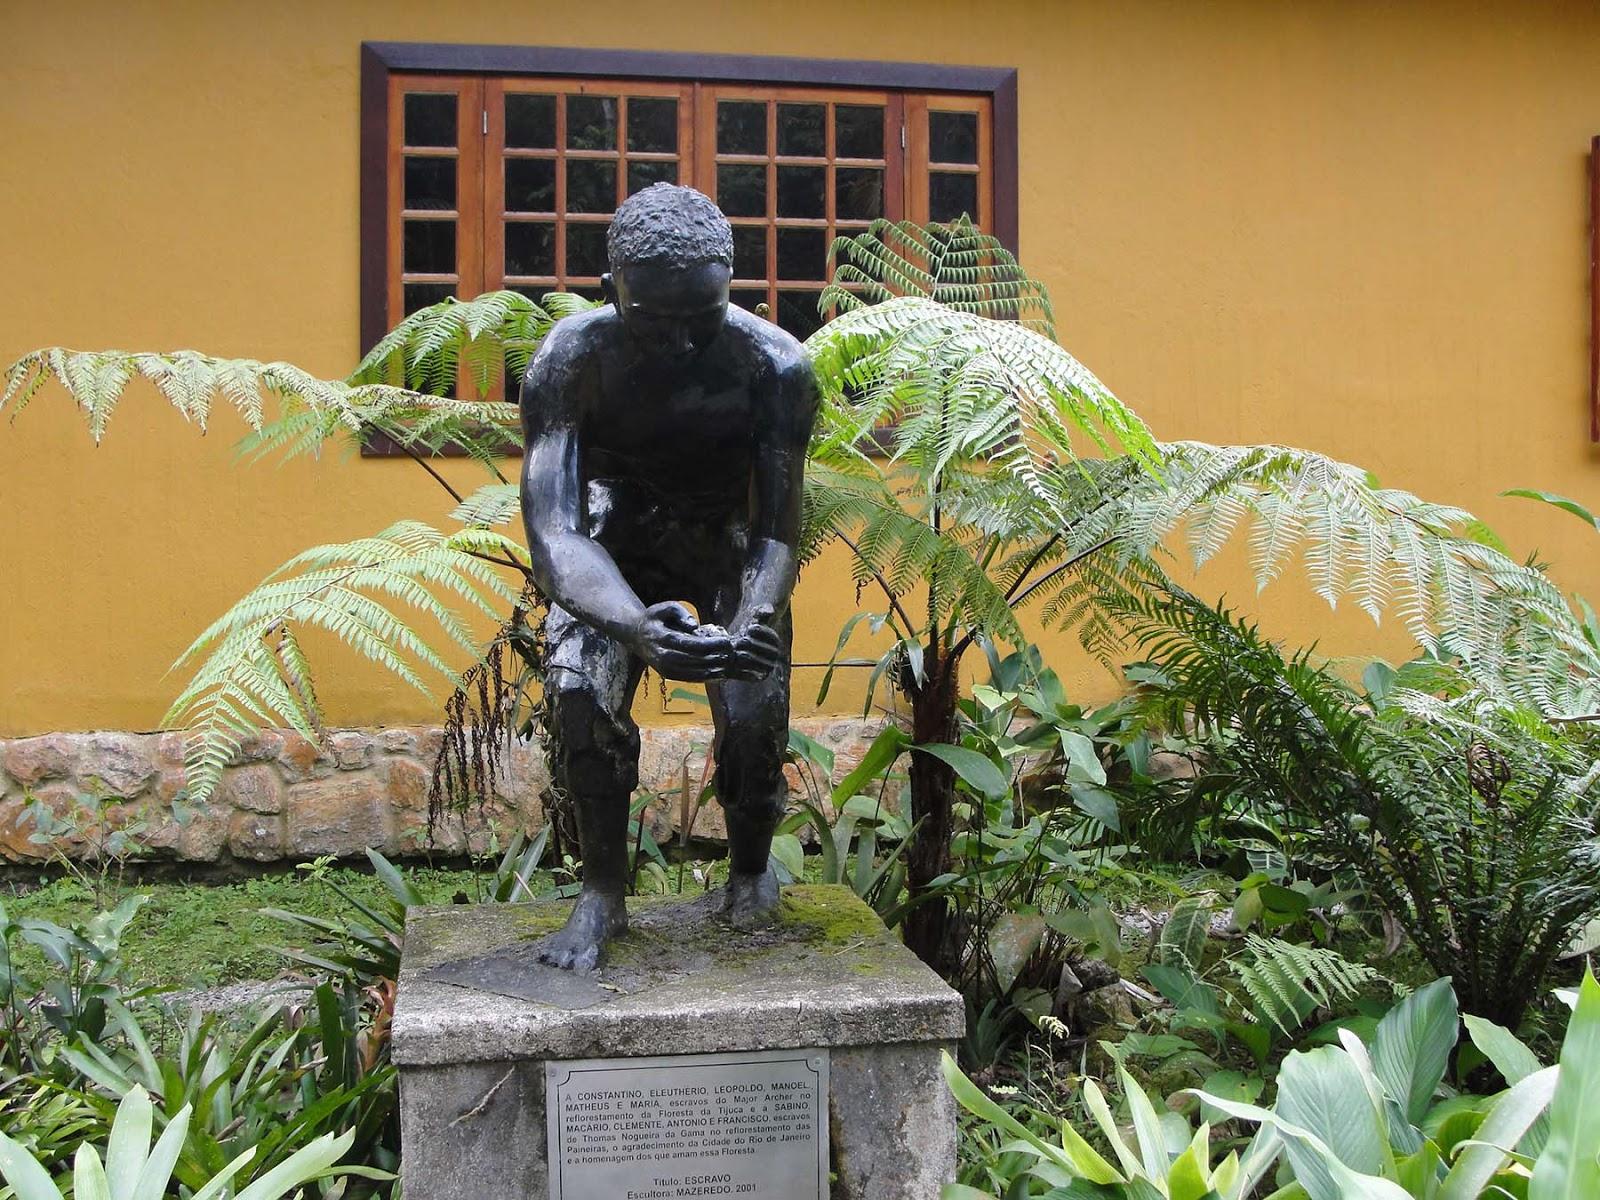 Monumento aos escravos no centro de visitantes da Floresta da Tijuca